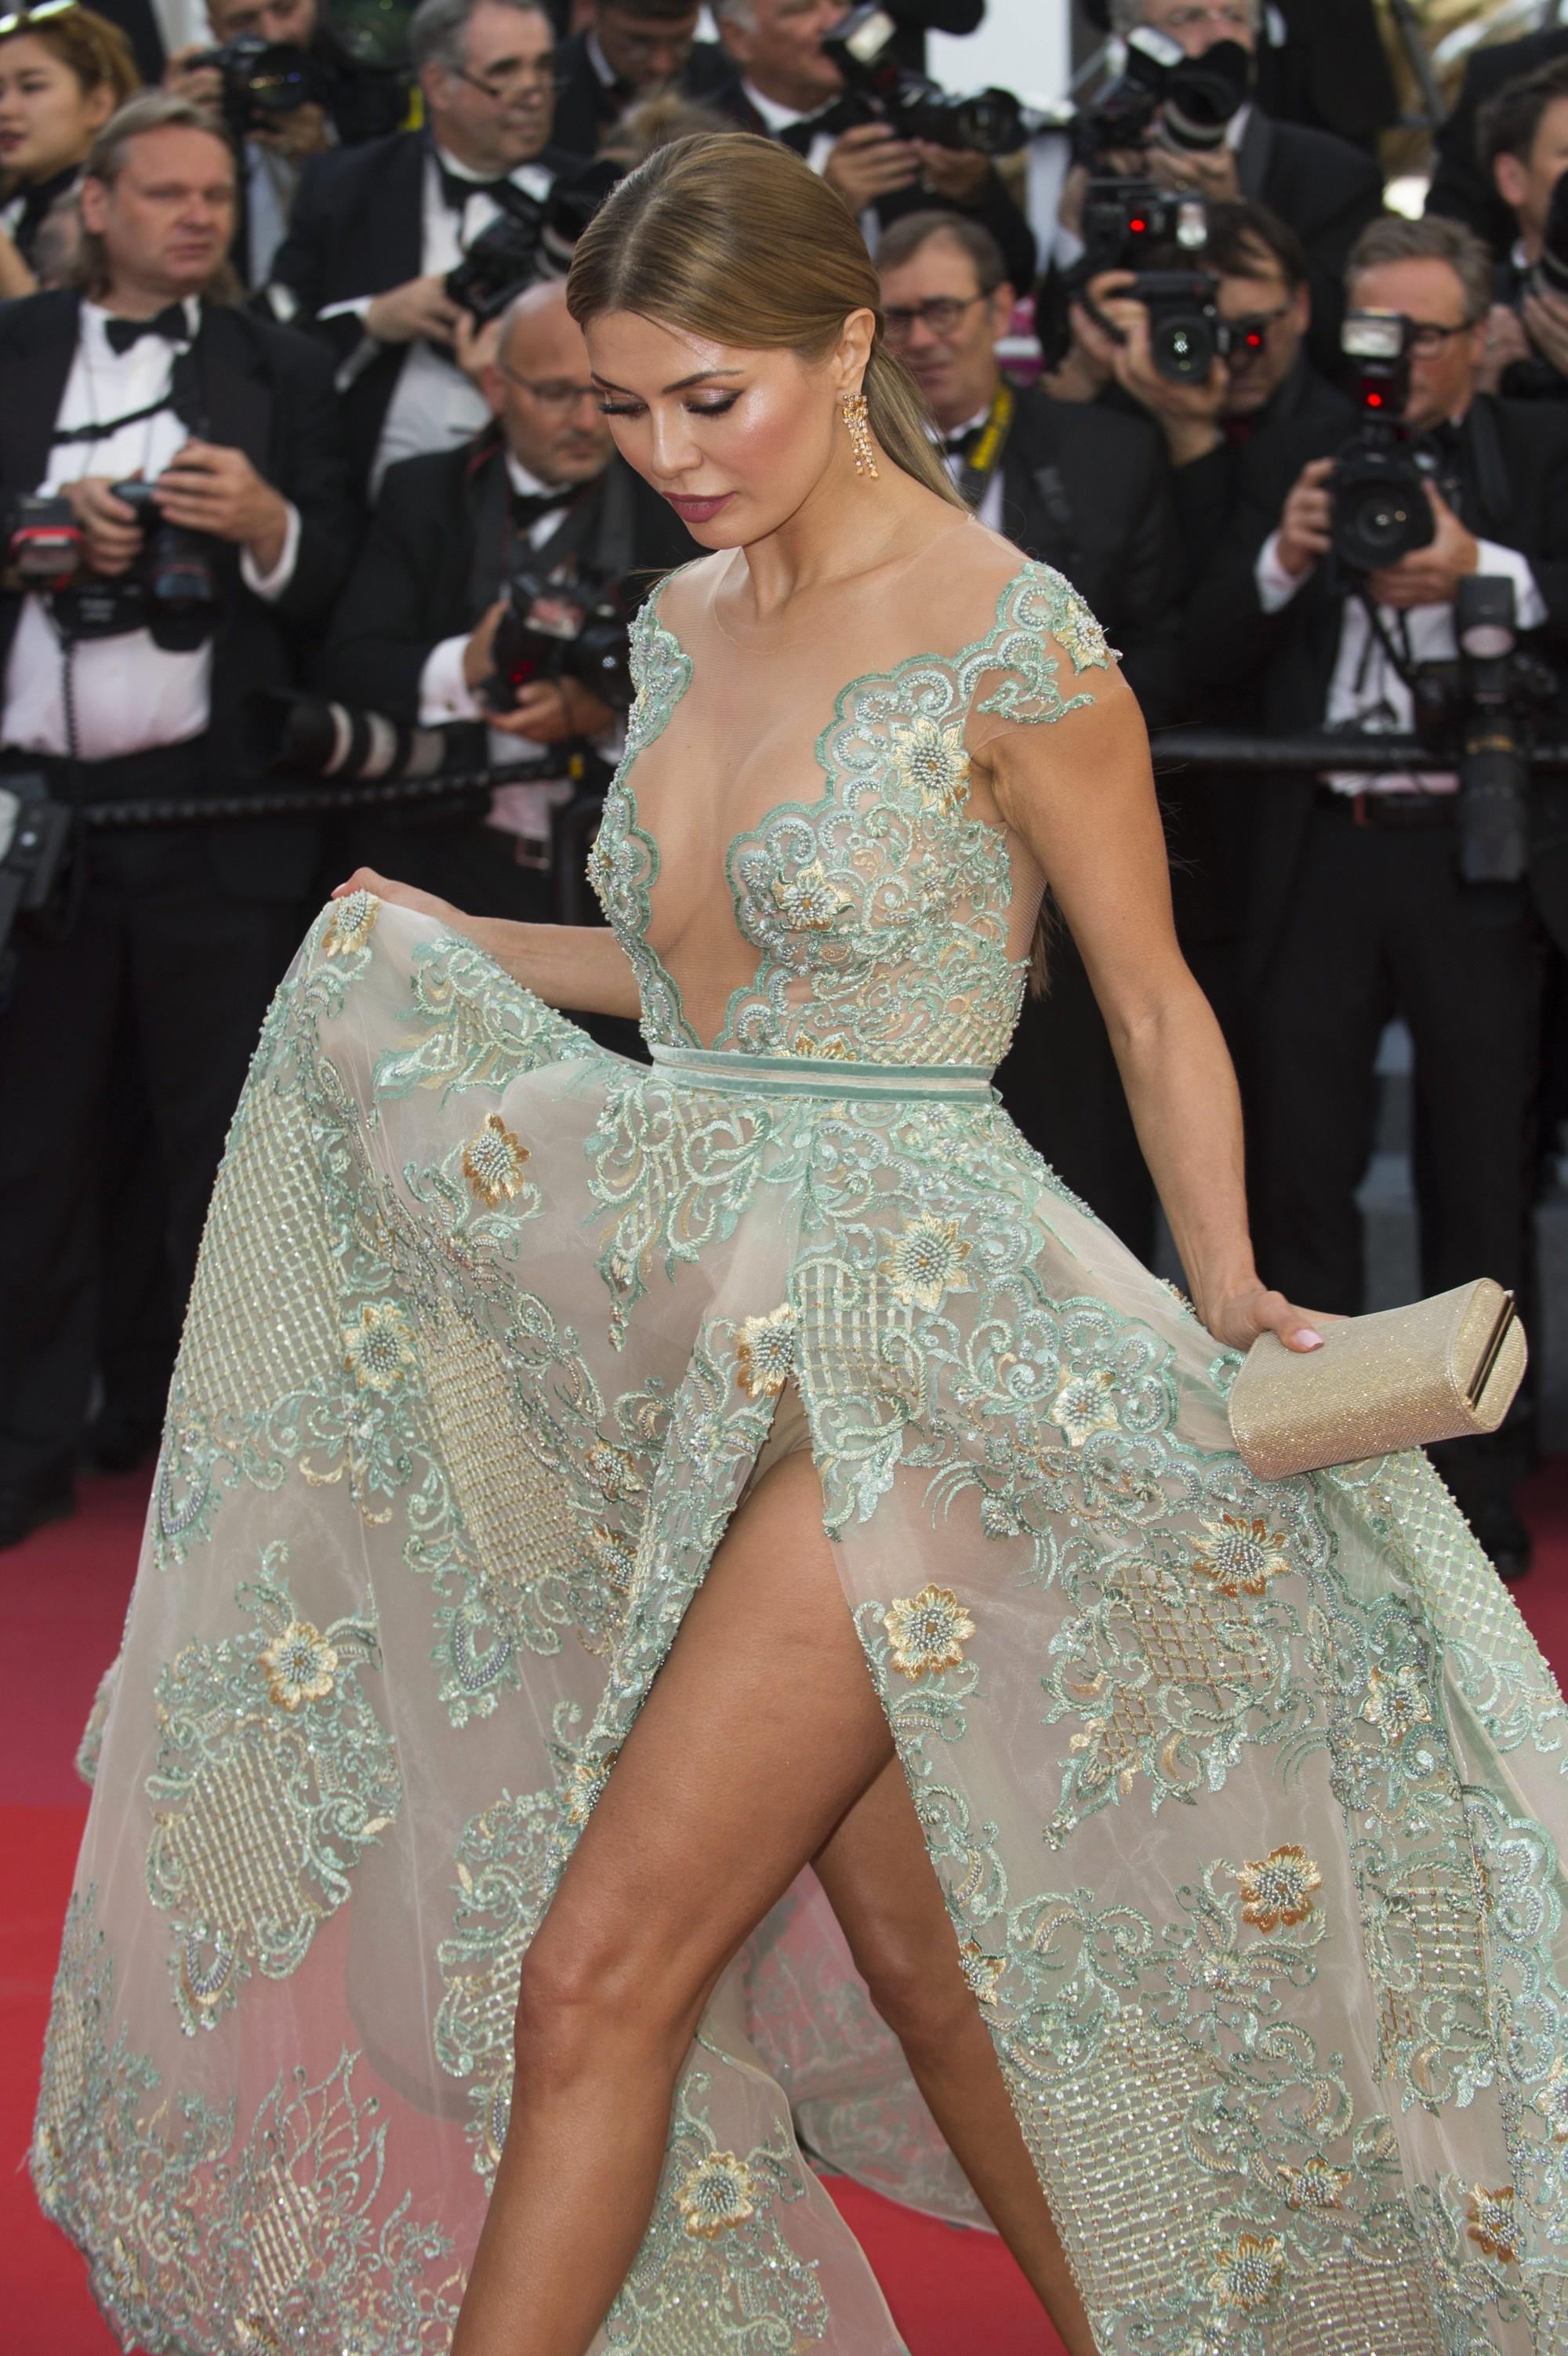 """Vén màn mặt tối đằng sau Cannes danh giá: """"Ngày hội tiền lương"""" của gái mại dâm và cơ hội vàng cho những kẻ vô danh đổi đời - Ảnh 8."""